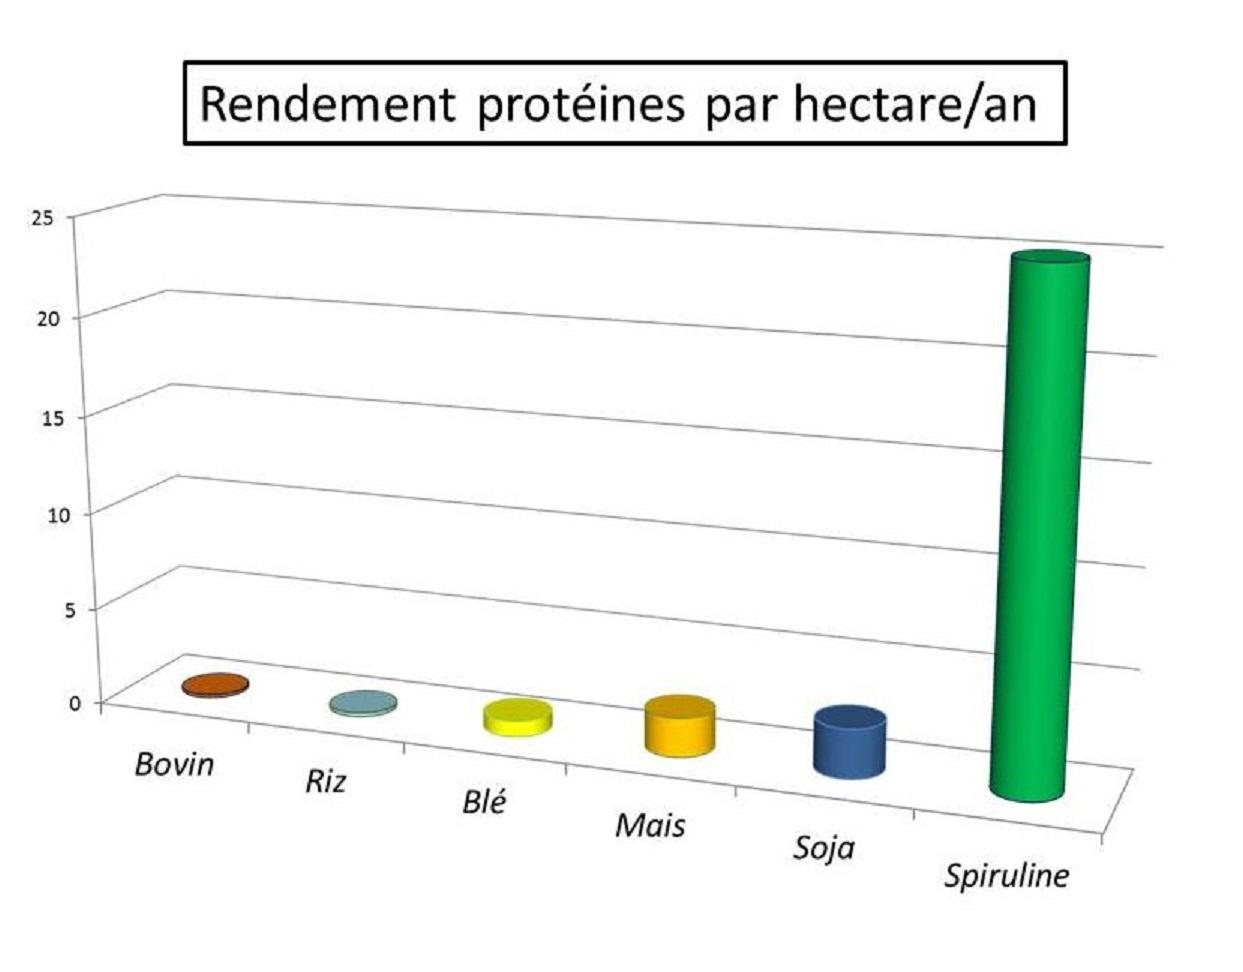 rendement proteine hectare 3